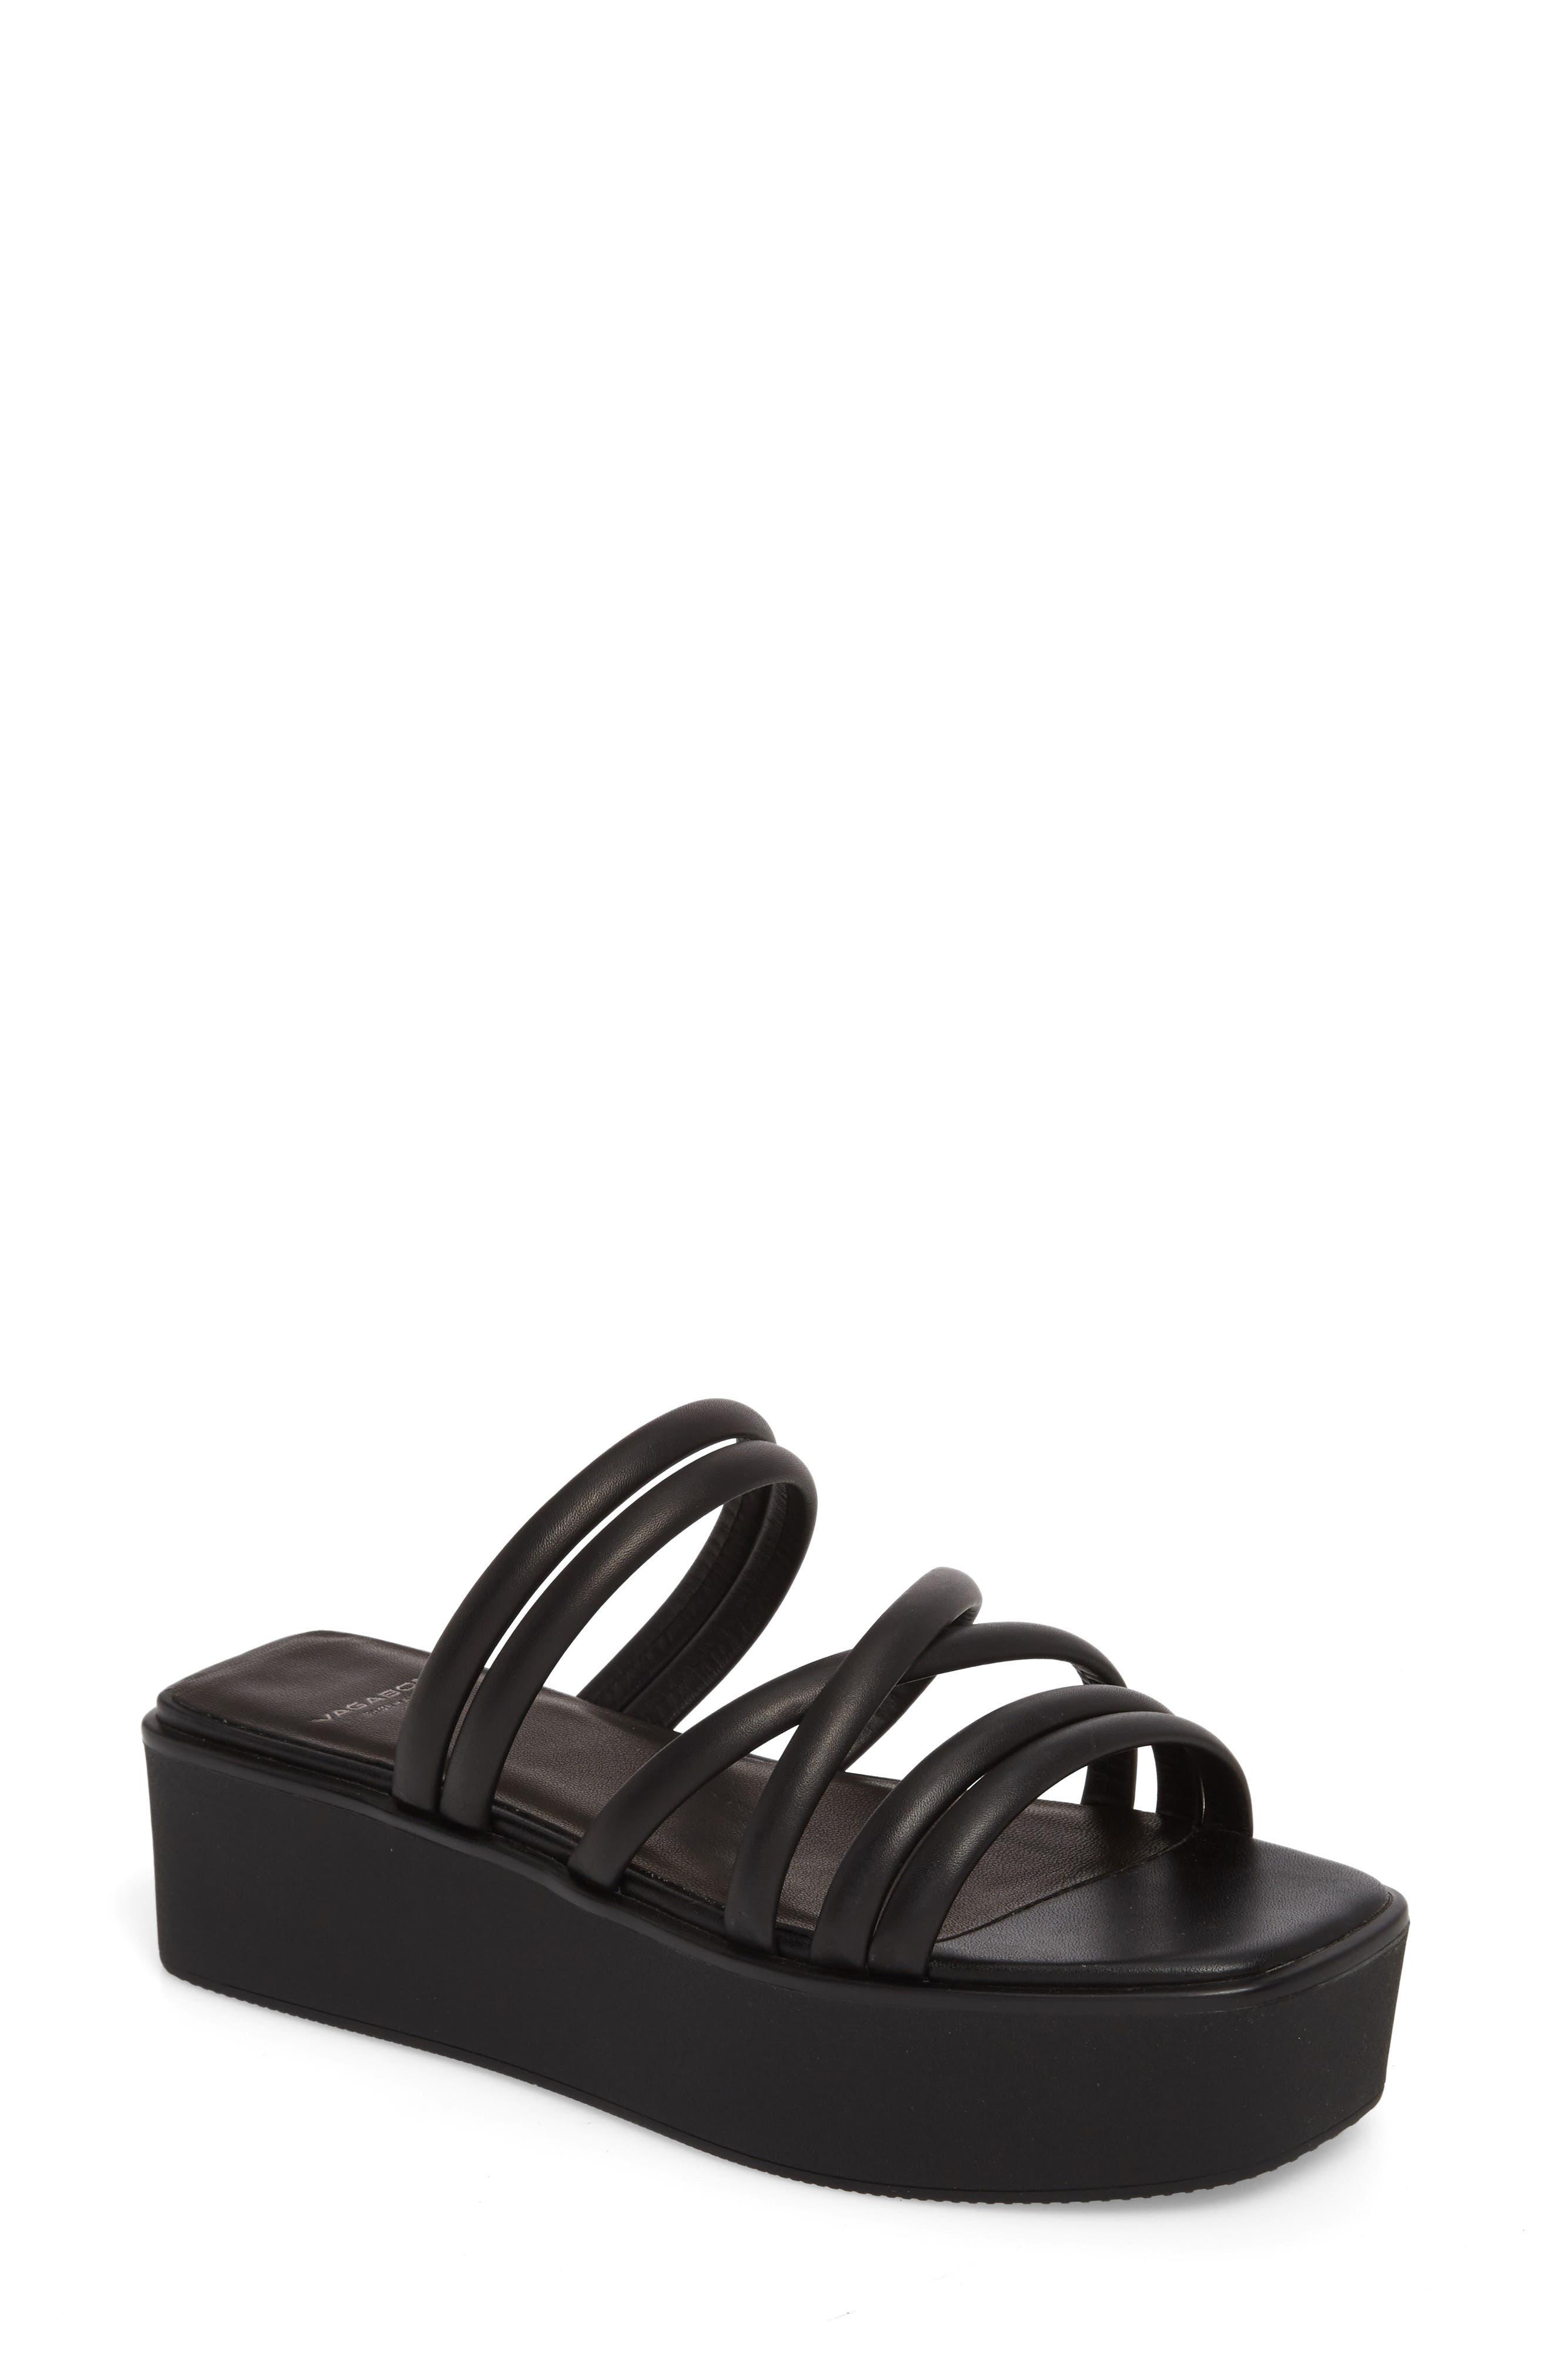 Bonnie Platform Sandal,                             Main thumbnail 1, color,                             Black Leather